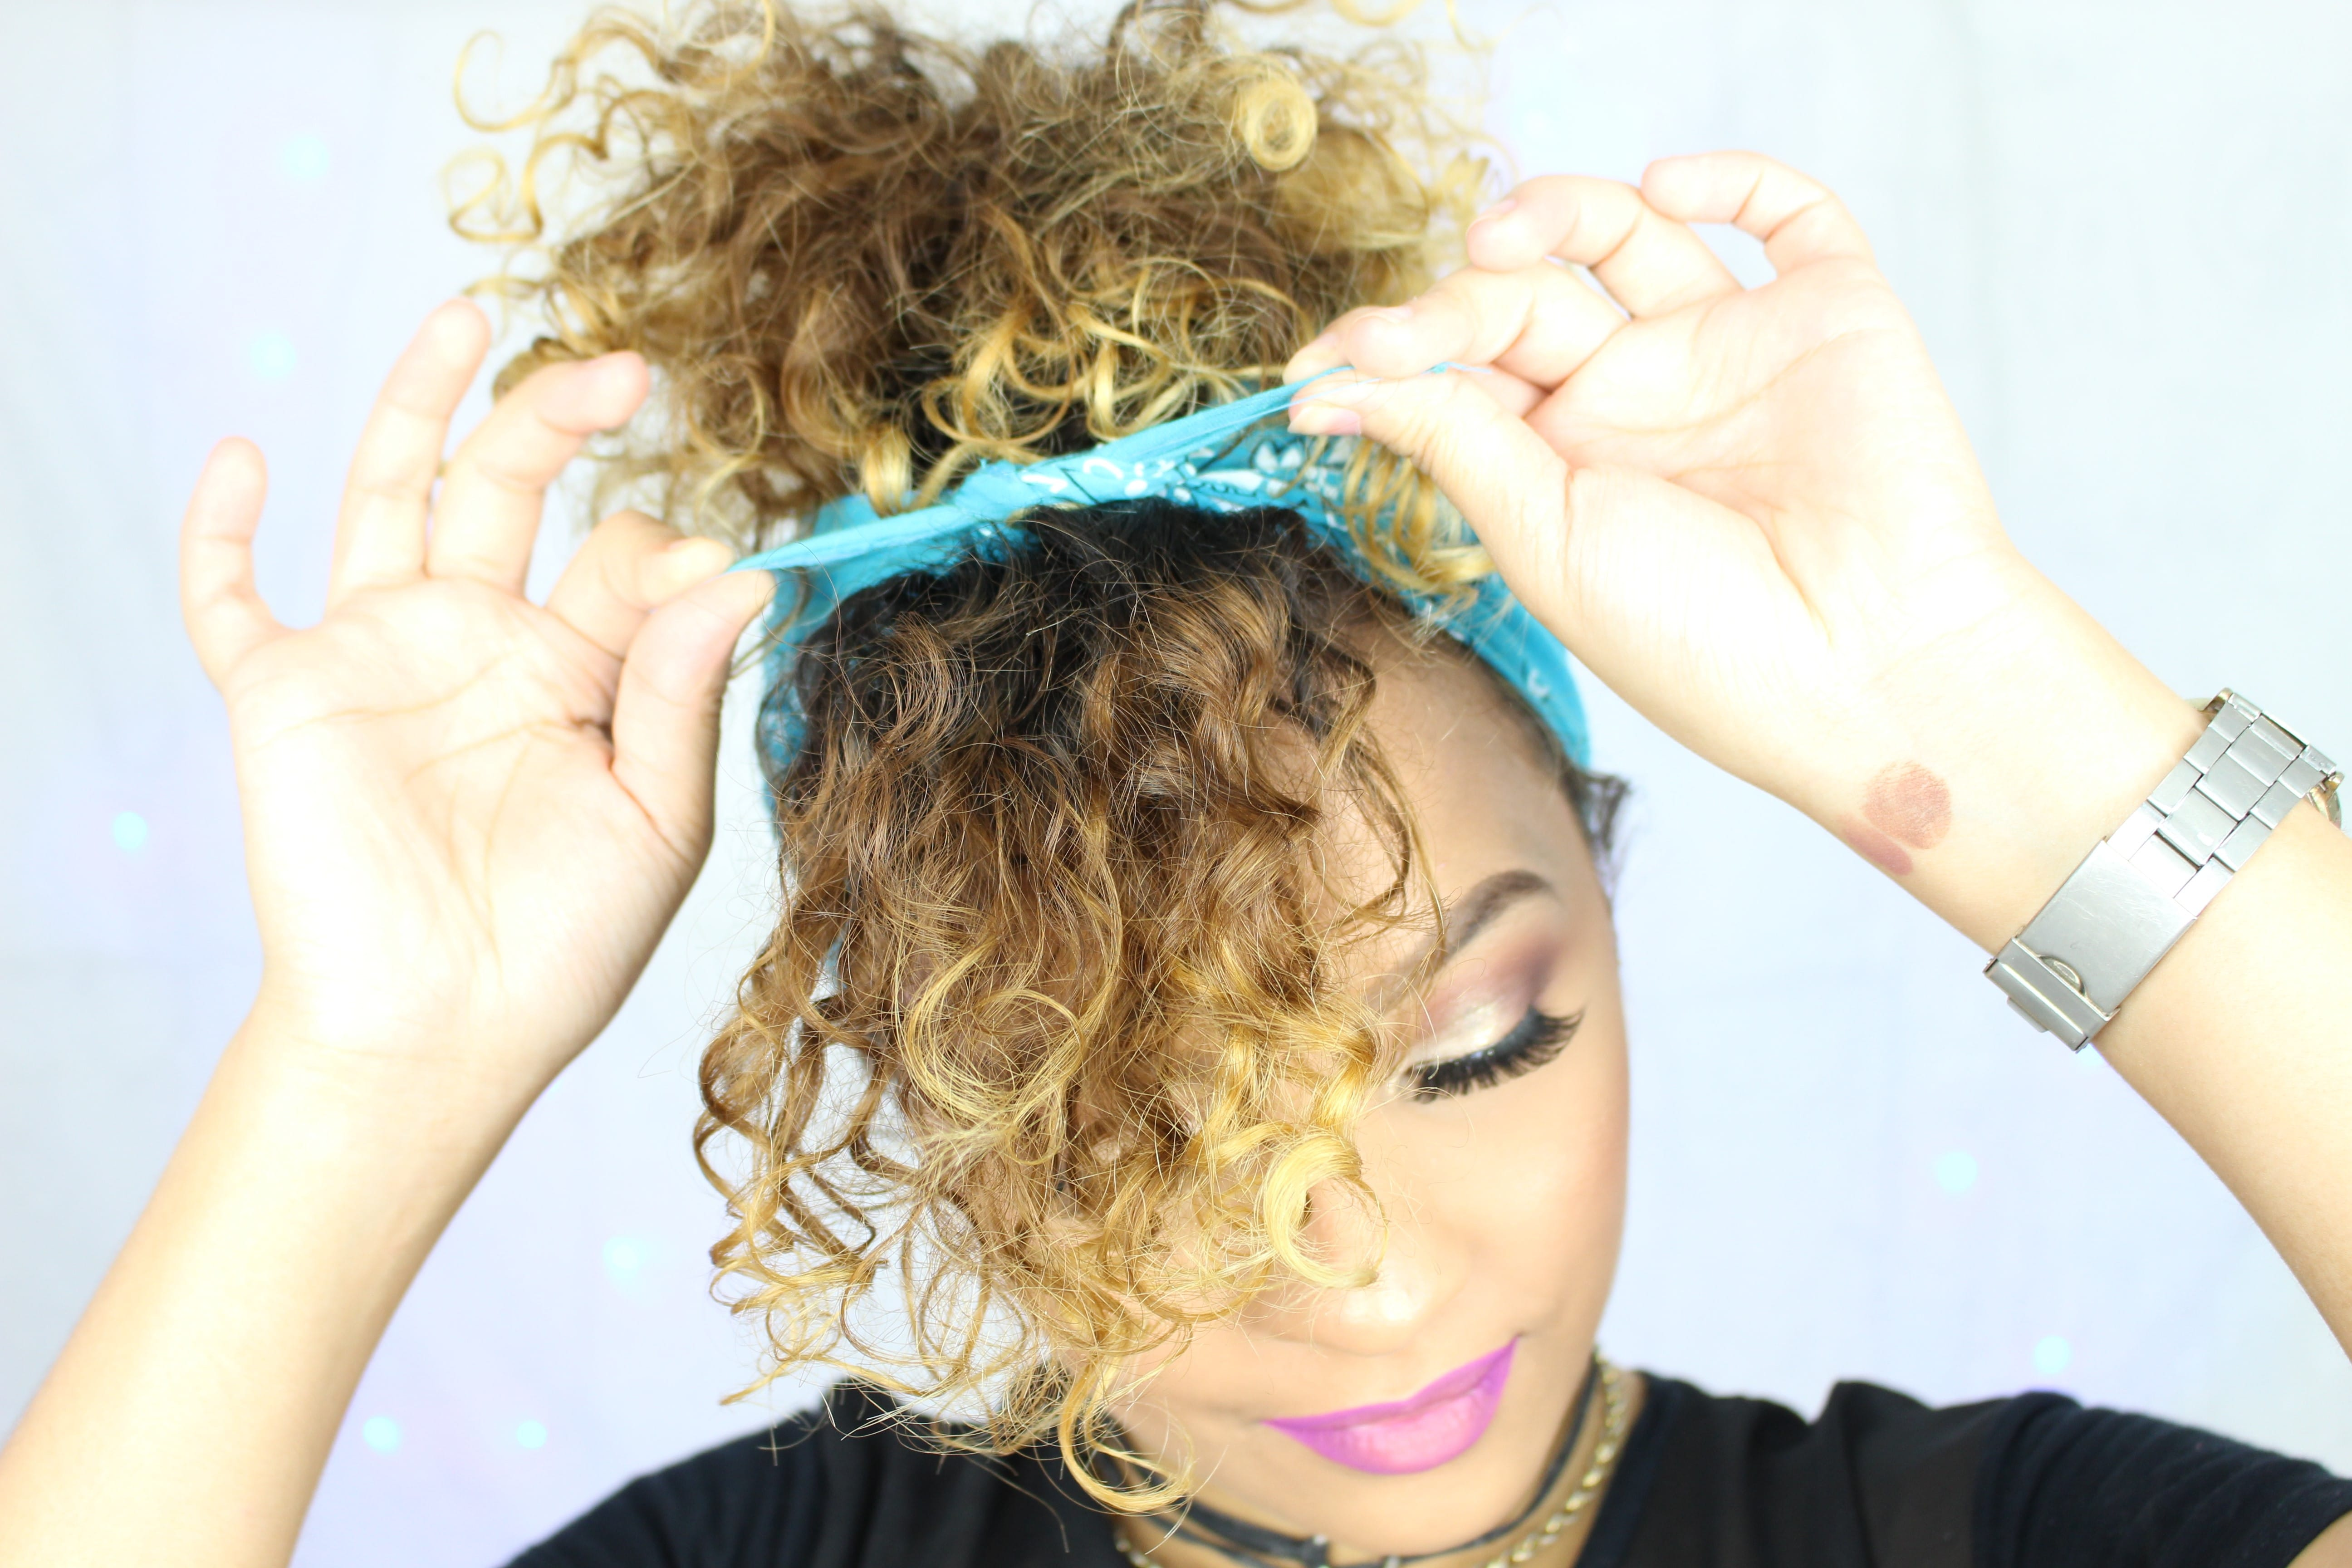 21 - Como arrumar cabelo curto ou em transição